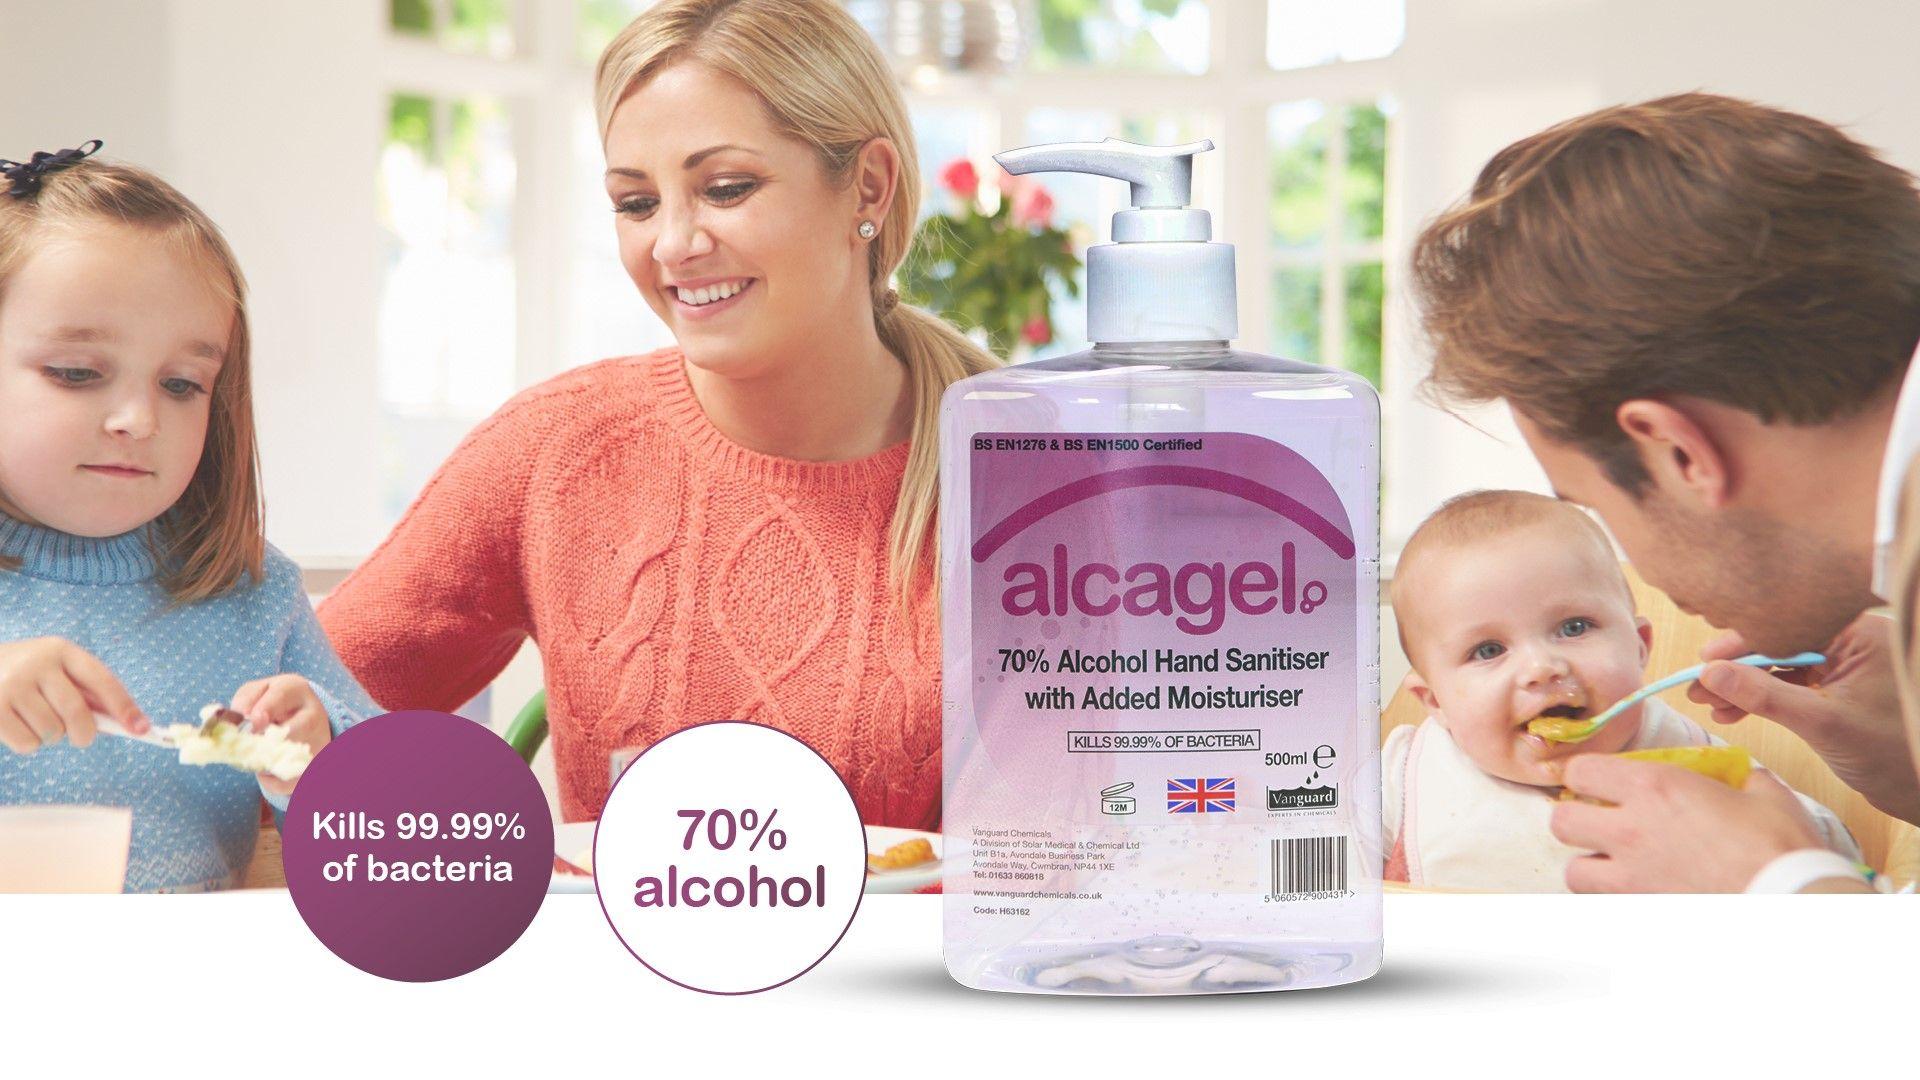 Alcagel® Hand Sanitiser